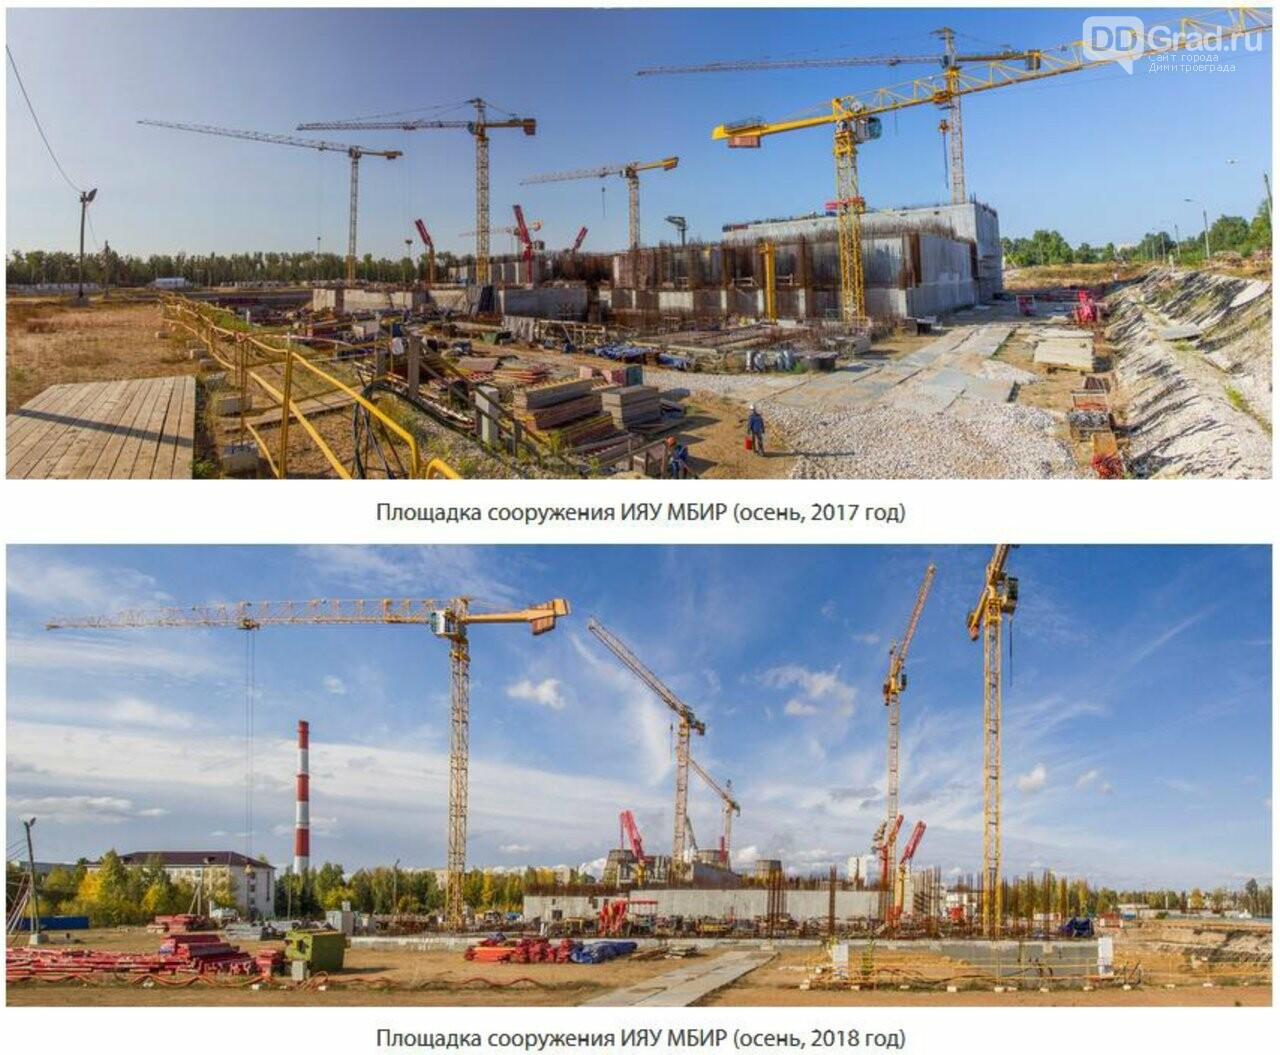 В Димитровграде продолжается строительство исследовательского реактора на быстрых нейронах, фото-3